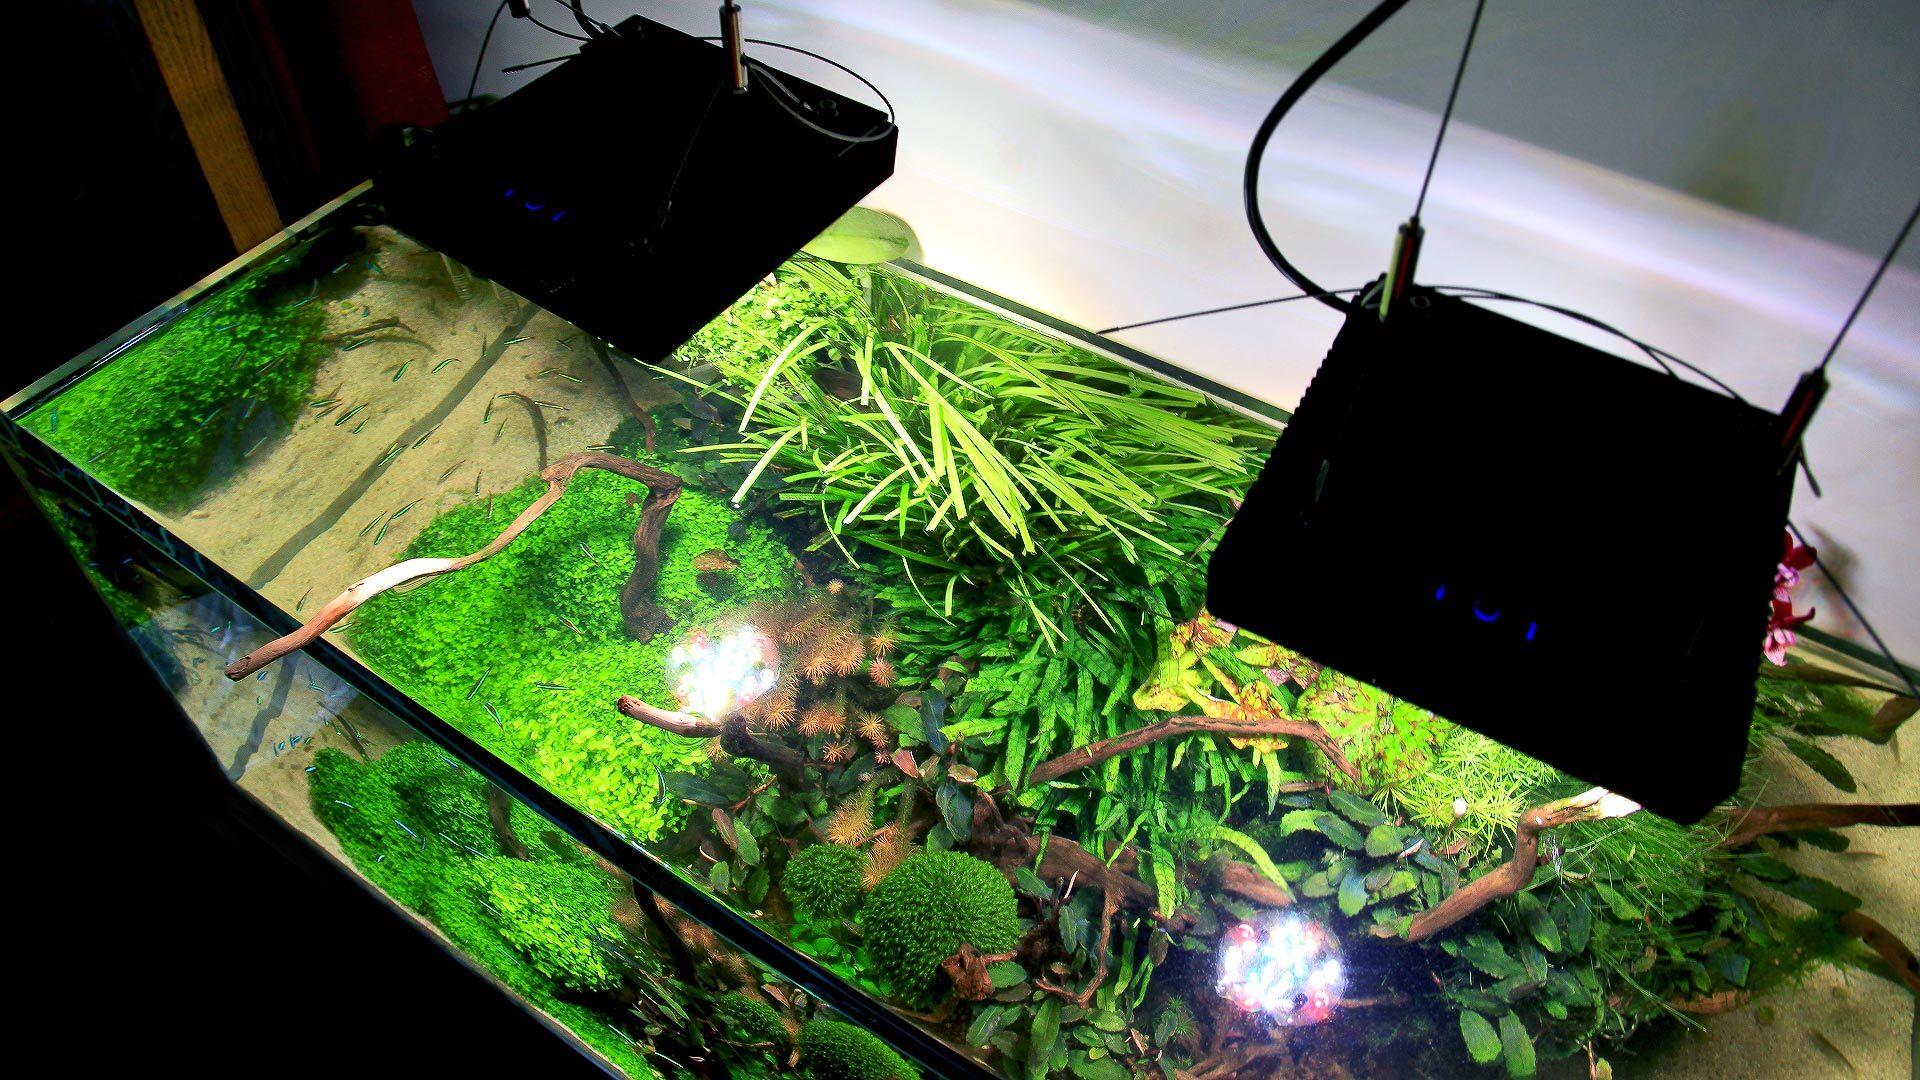 Светодиодные светильники Radion XR15FW Pro Freshwater в растительном аквариуме